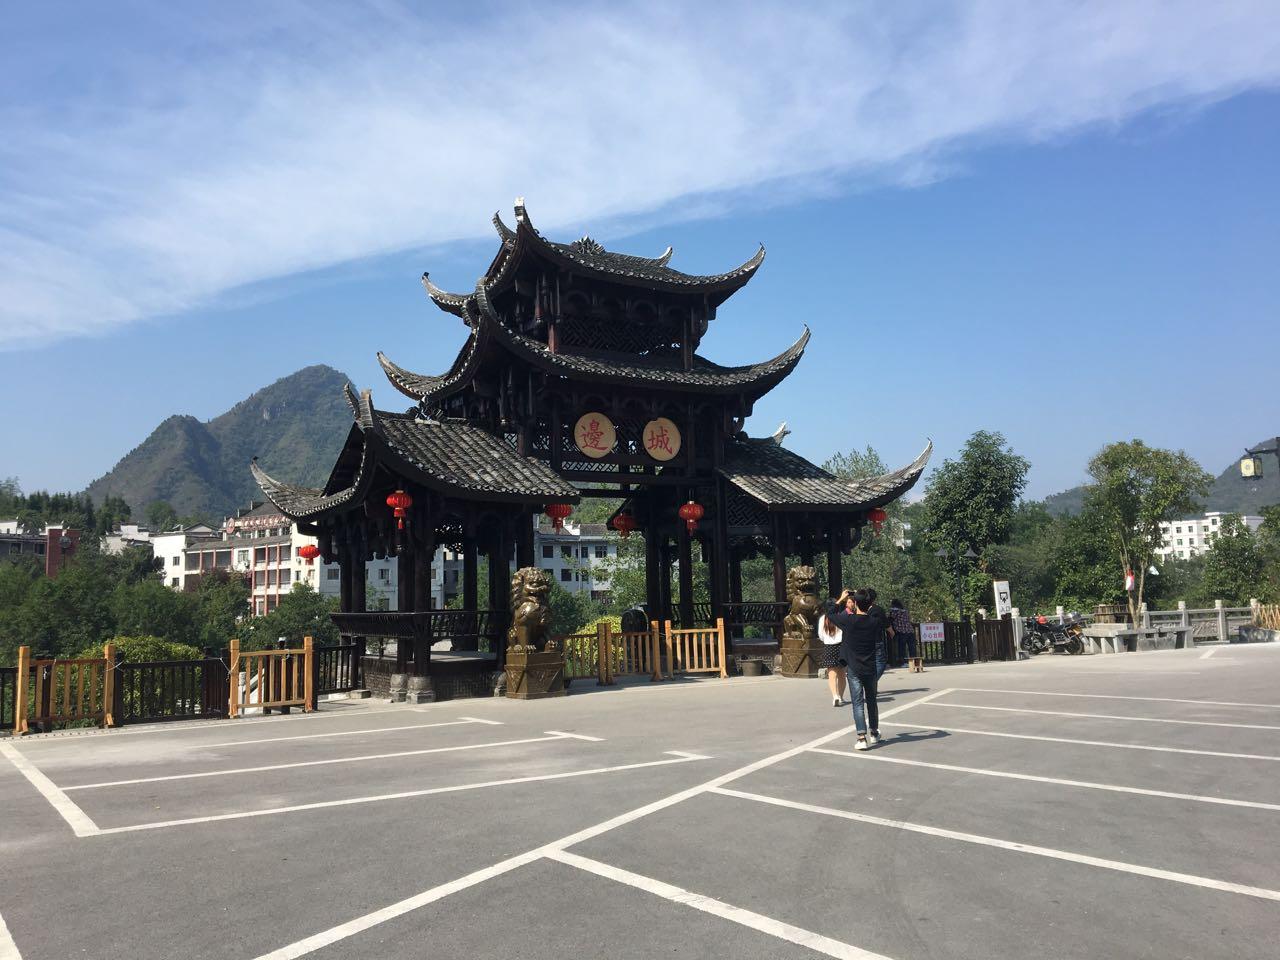 来自吴俊发布的公司动态信息:边城,我来了!... - 湖南启讯网络科技有限公司